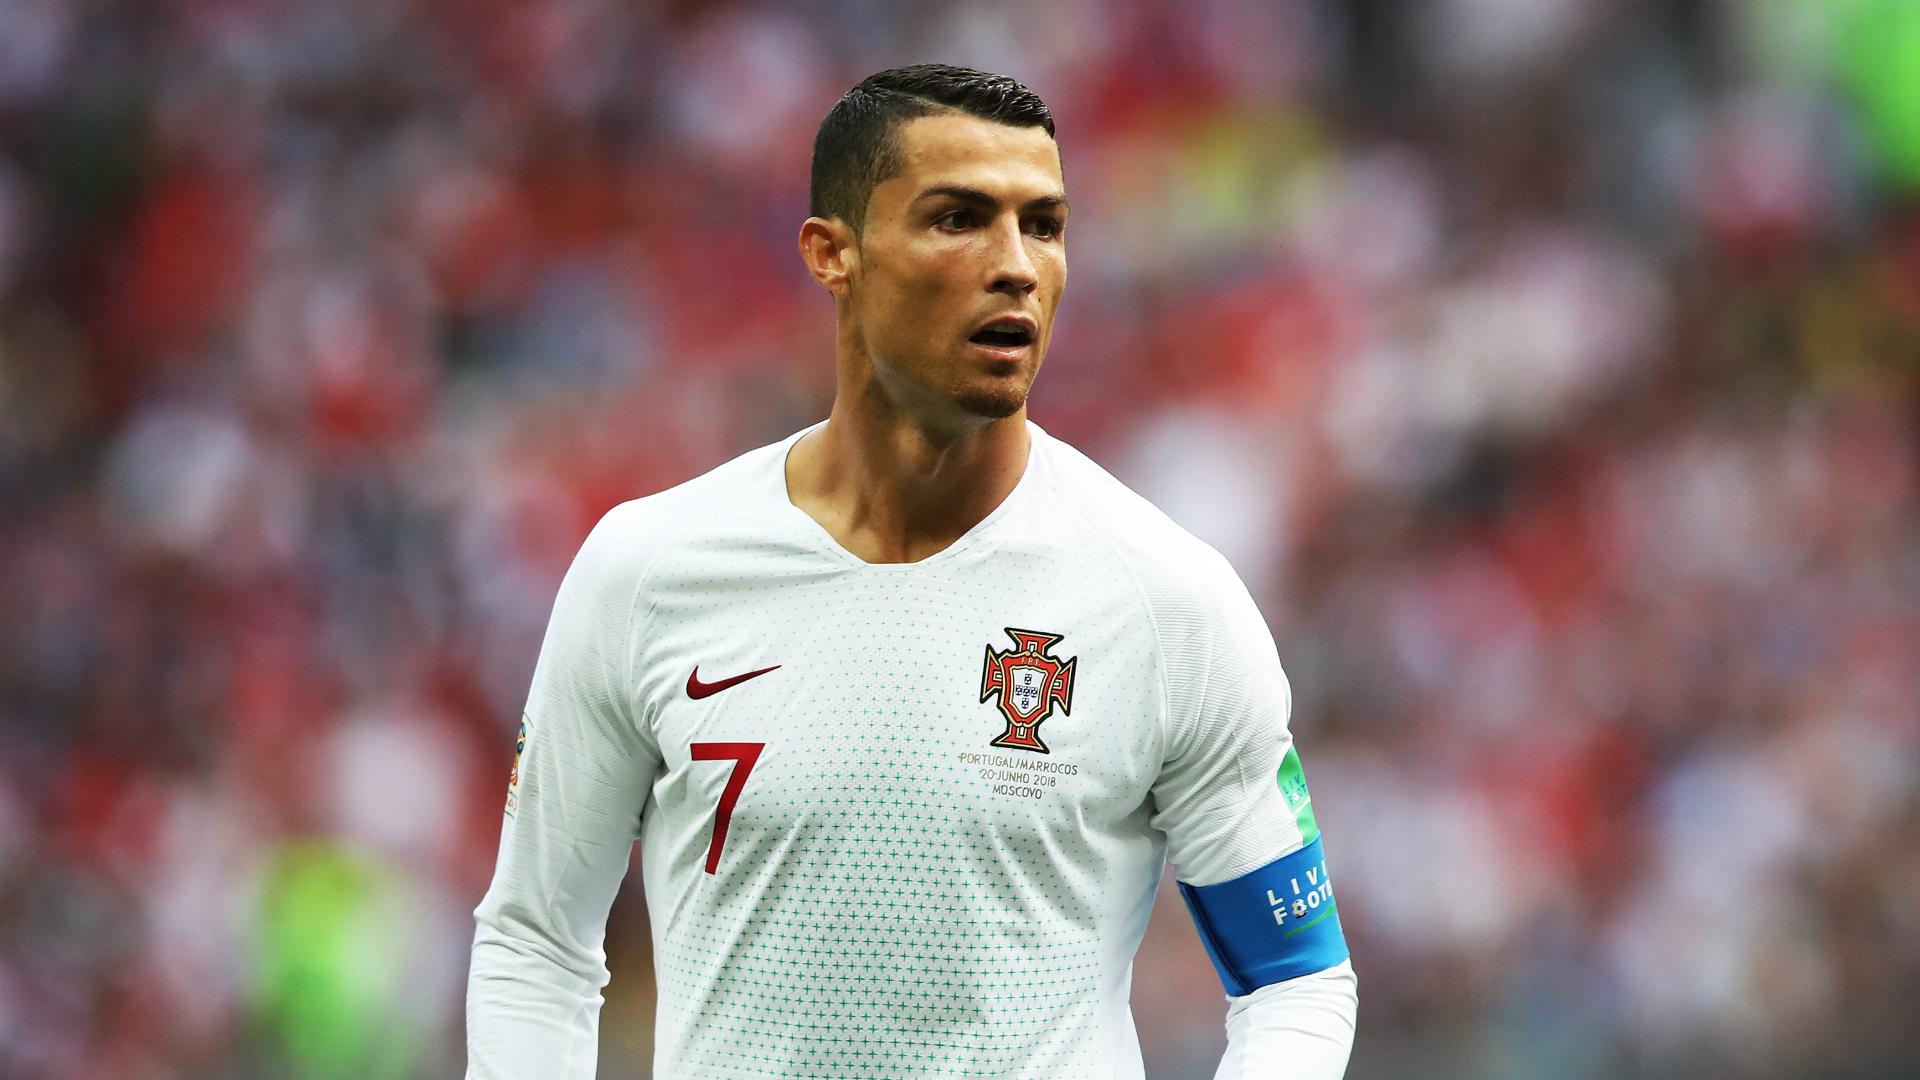 Ronaldo rides the VAR roller-coaster